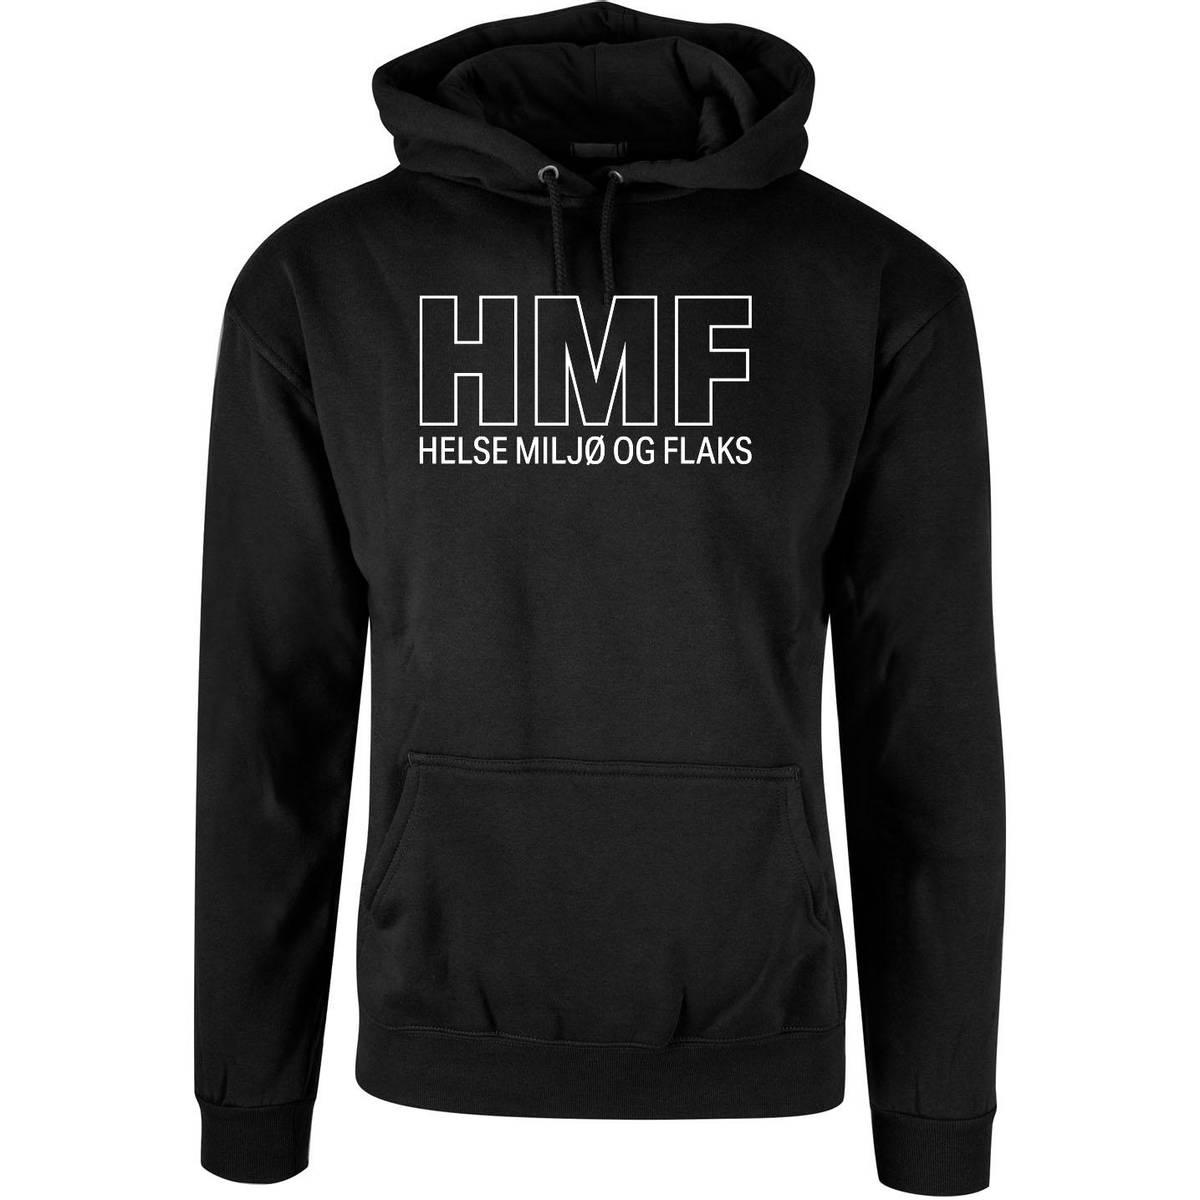 HMF - Helse Miljø og Flaks Hettegenser